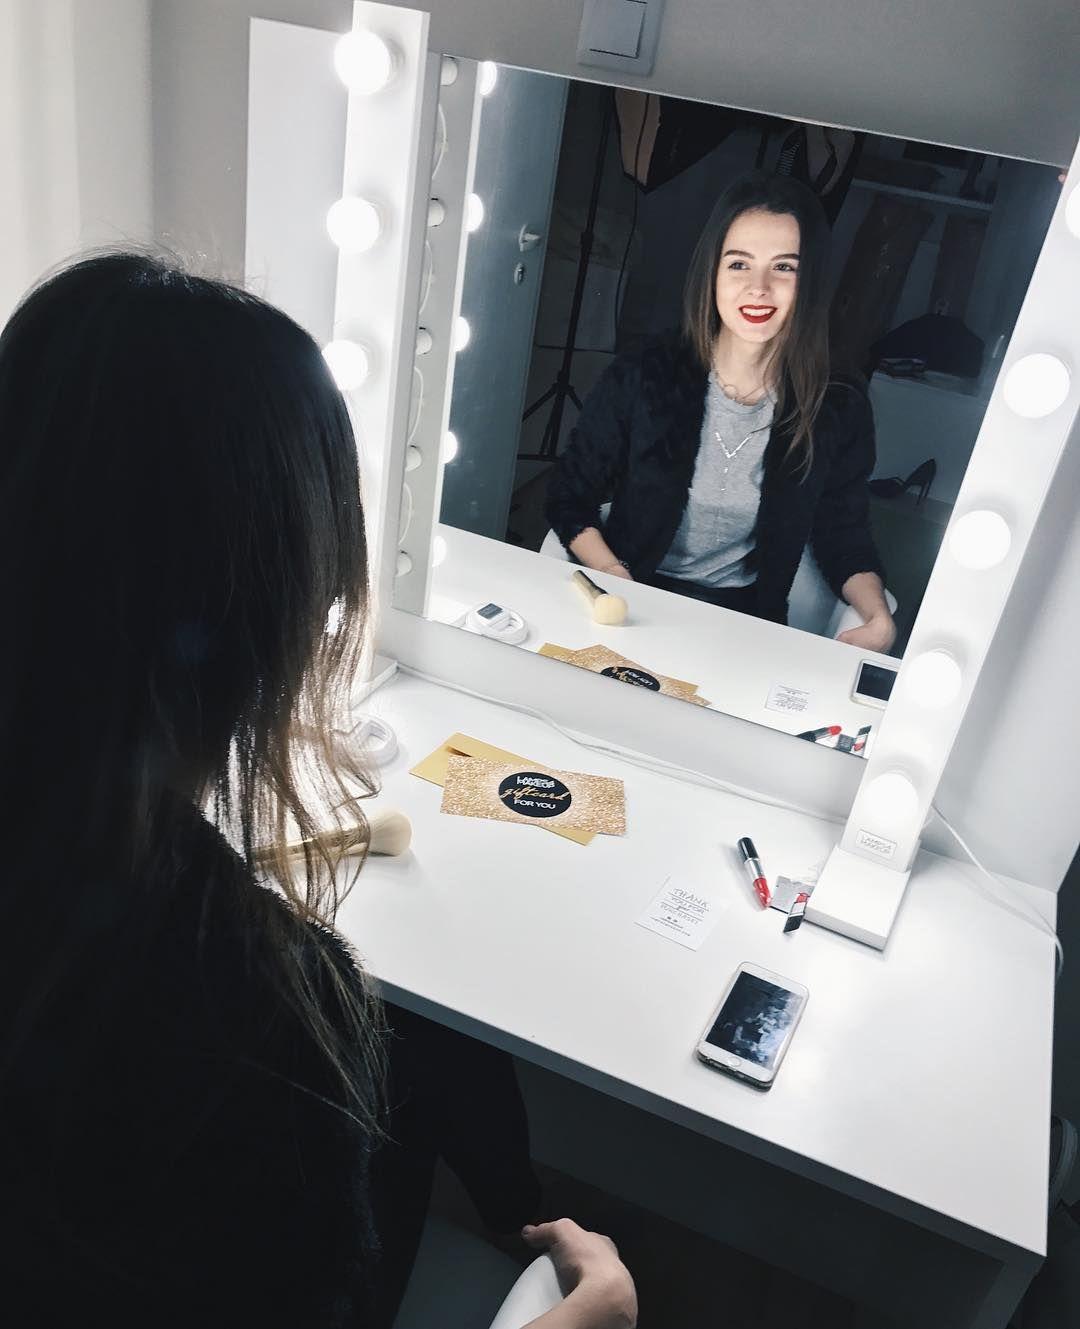 Unsere Fortschrittlichsten Lampen Das Beste Kosmetik Licht Wie Im Schonheitssalon Boudoir Lampen Led Lampen Fur Schminktisch Spiege Mirror Vanity Mirror Decor